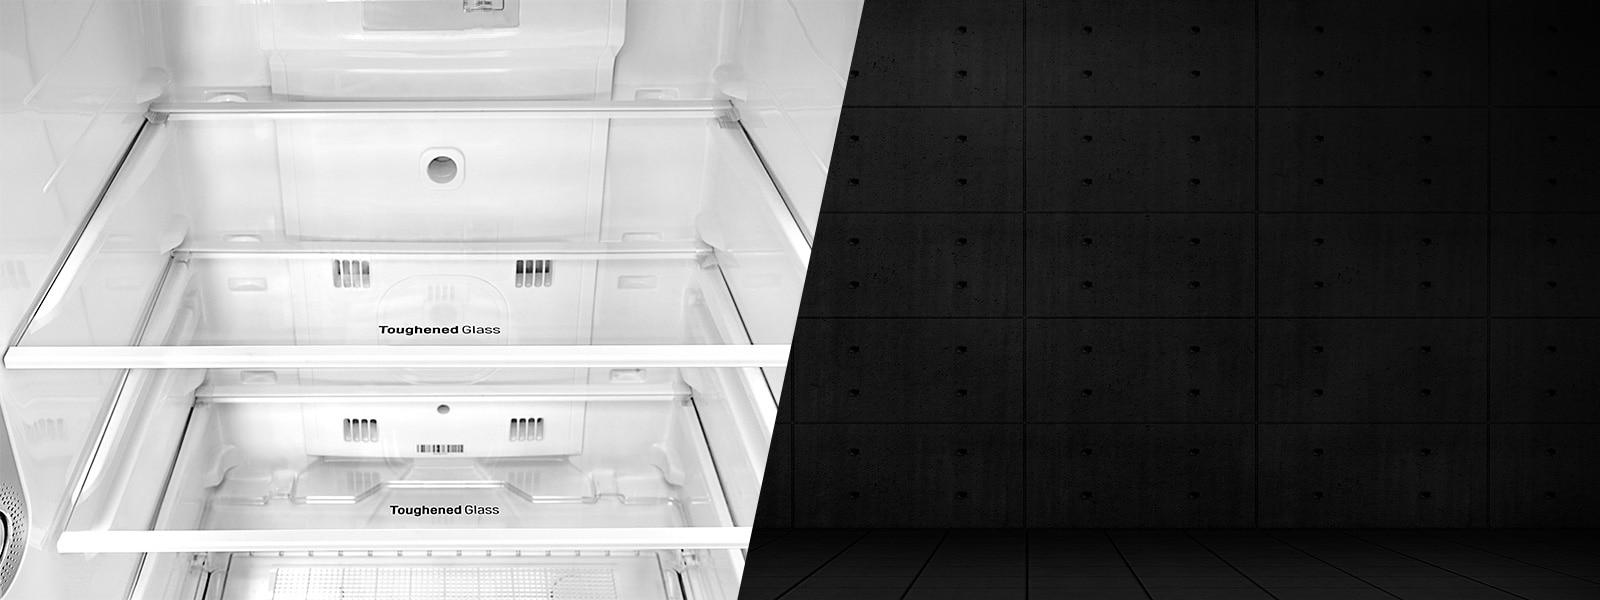 LG GL-M433PZI Toughened Glass Shelves